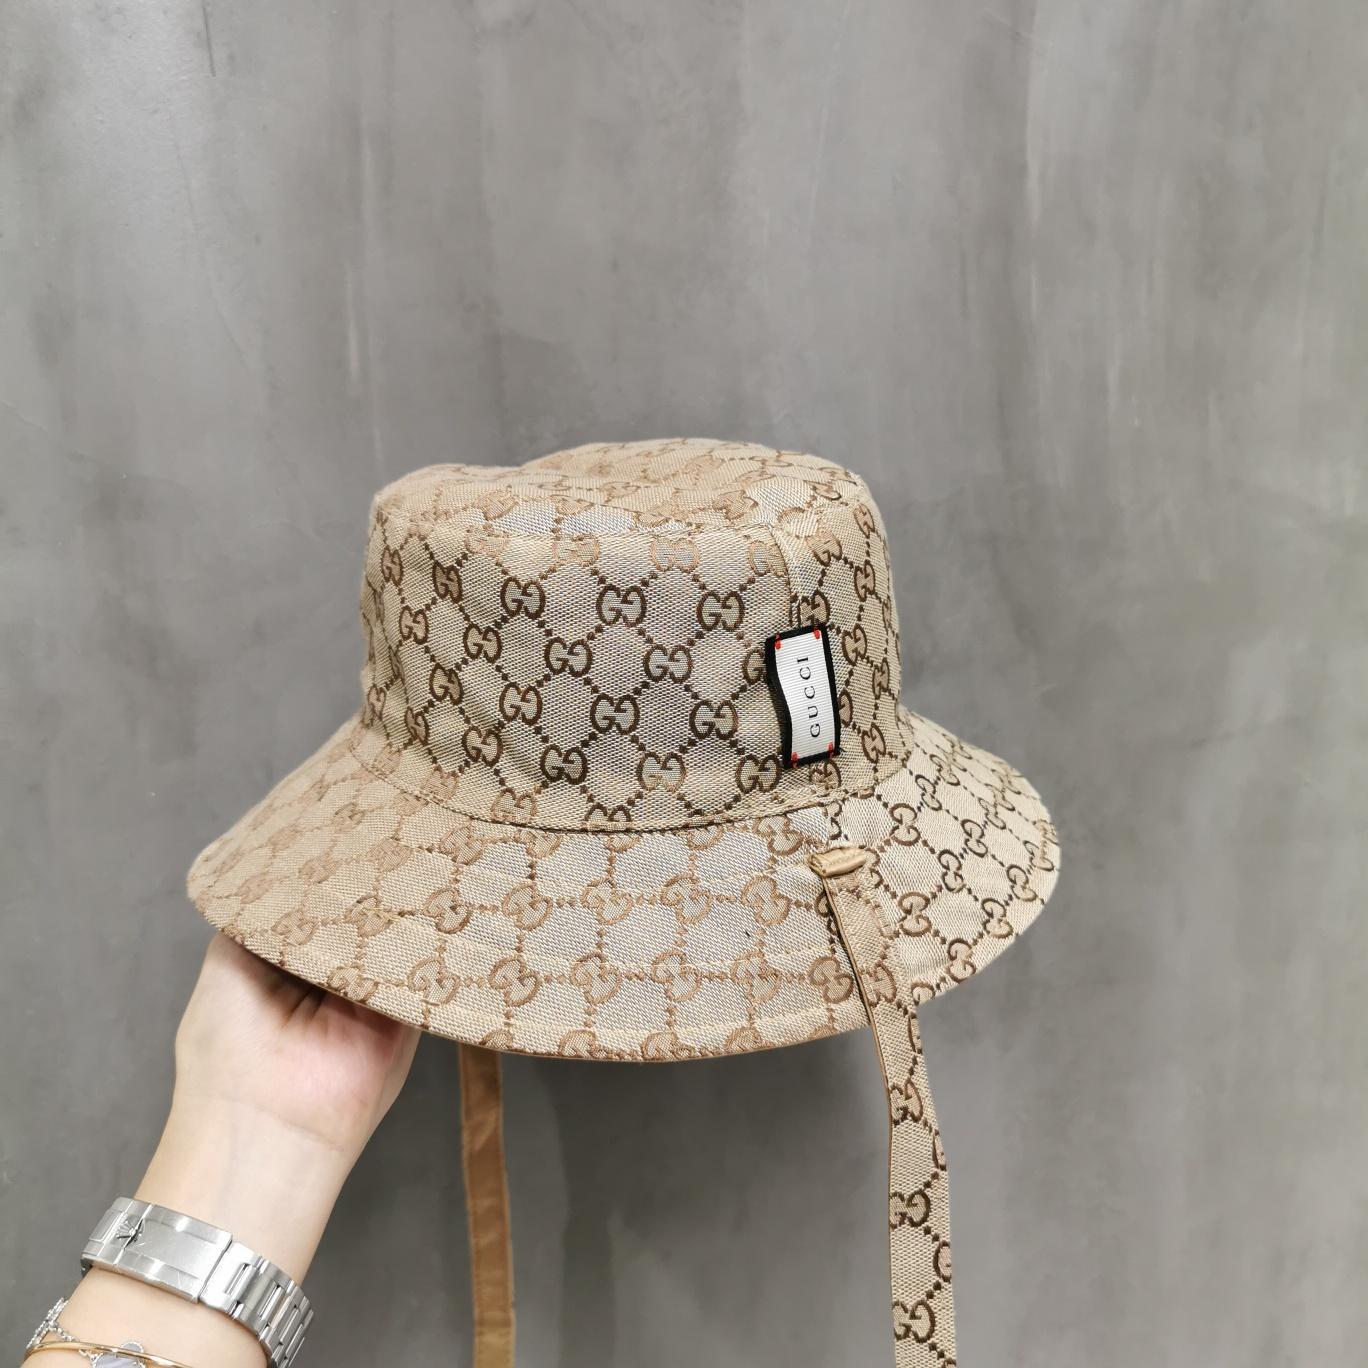 Four Seasons Mens protezione di modo cappelli del bordo avaro di stampa del modello traspirante casuale Equipaggiata cappelli della spiaggia con le lettere opzionale ad alta Quali BB094